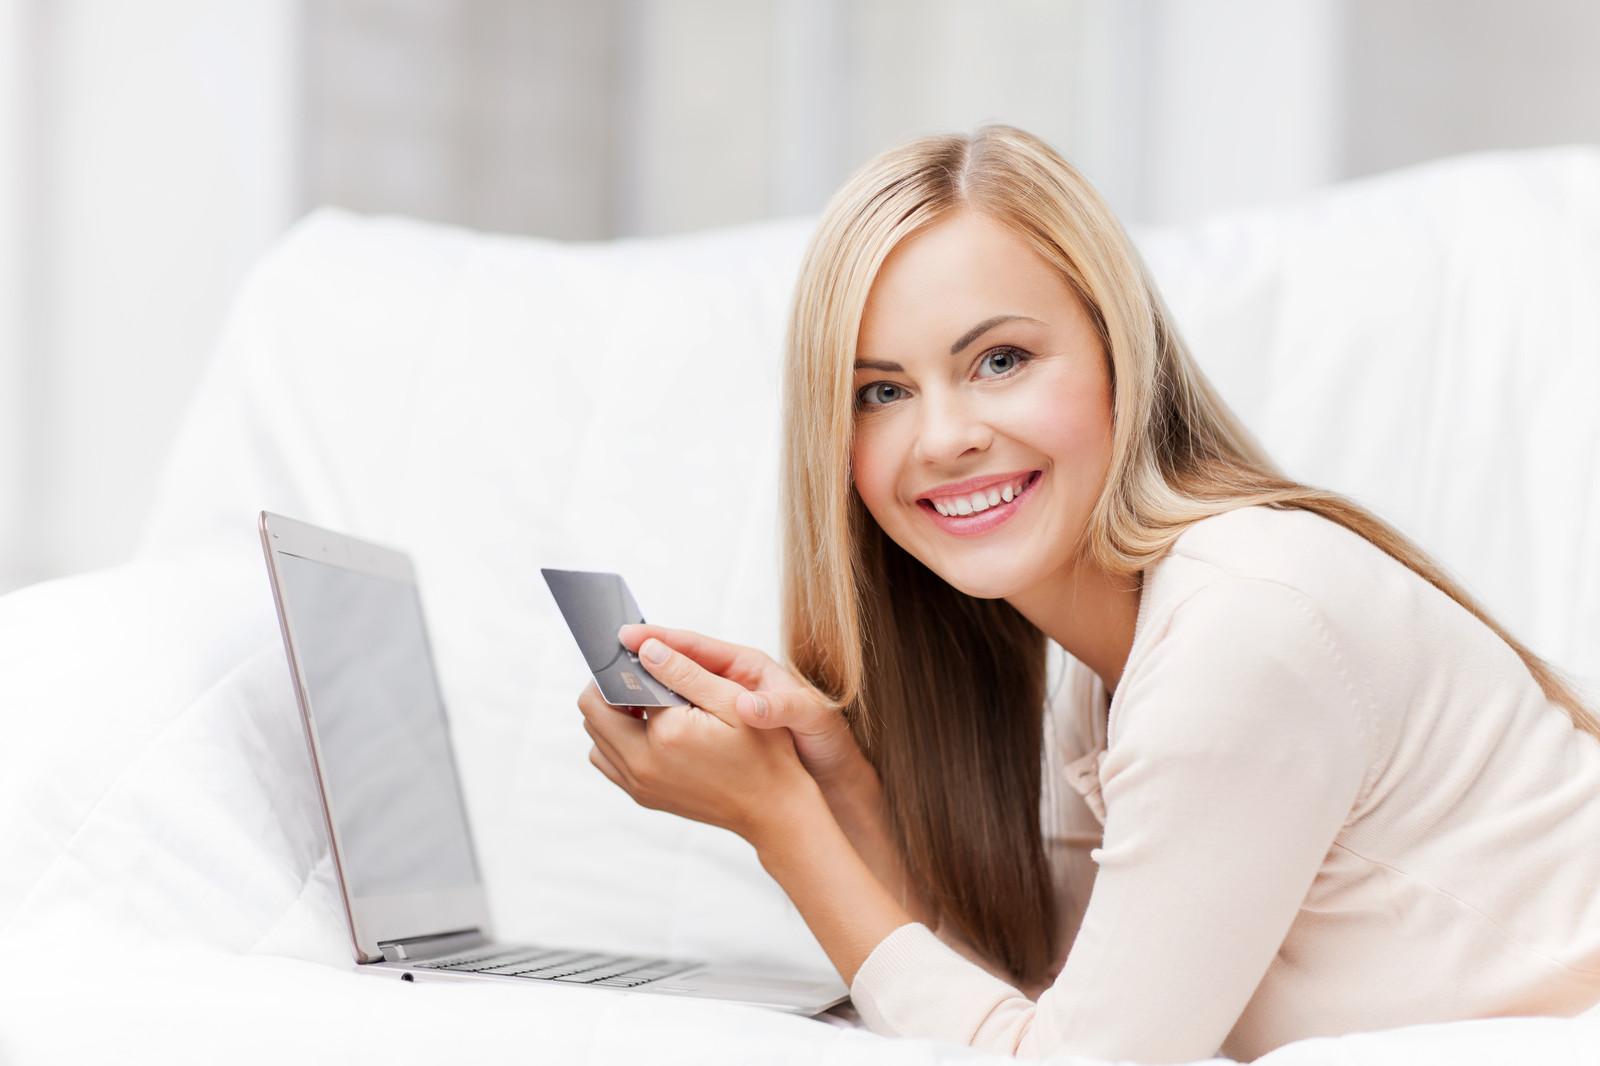 Безграничные возможности работы из дома с помощью социальных сетей